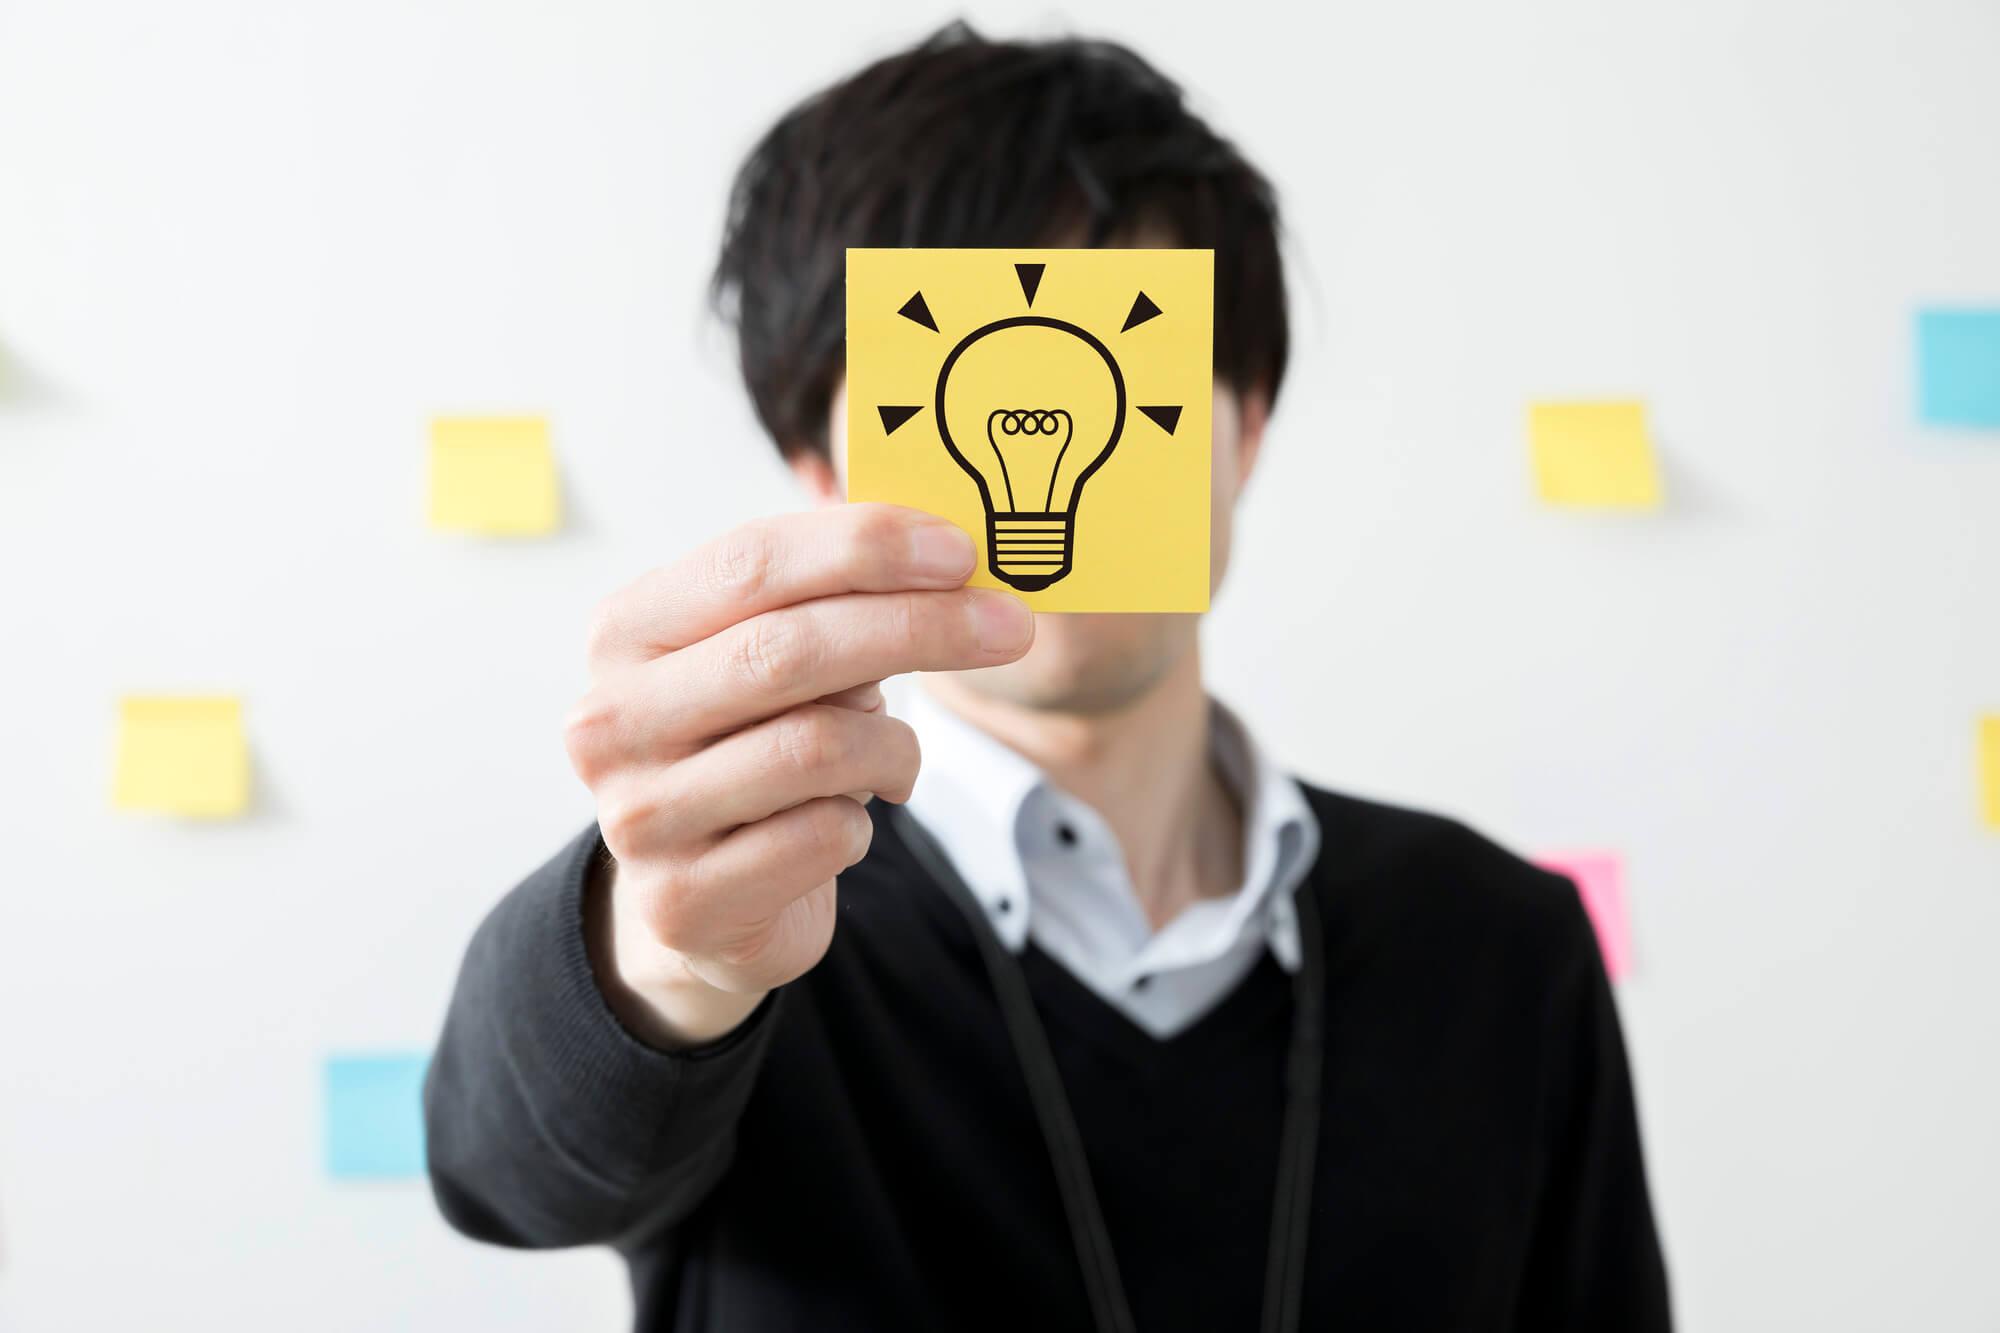 アイデアを考える男性